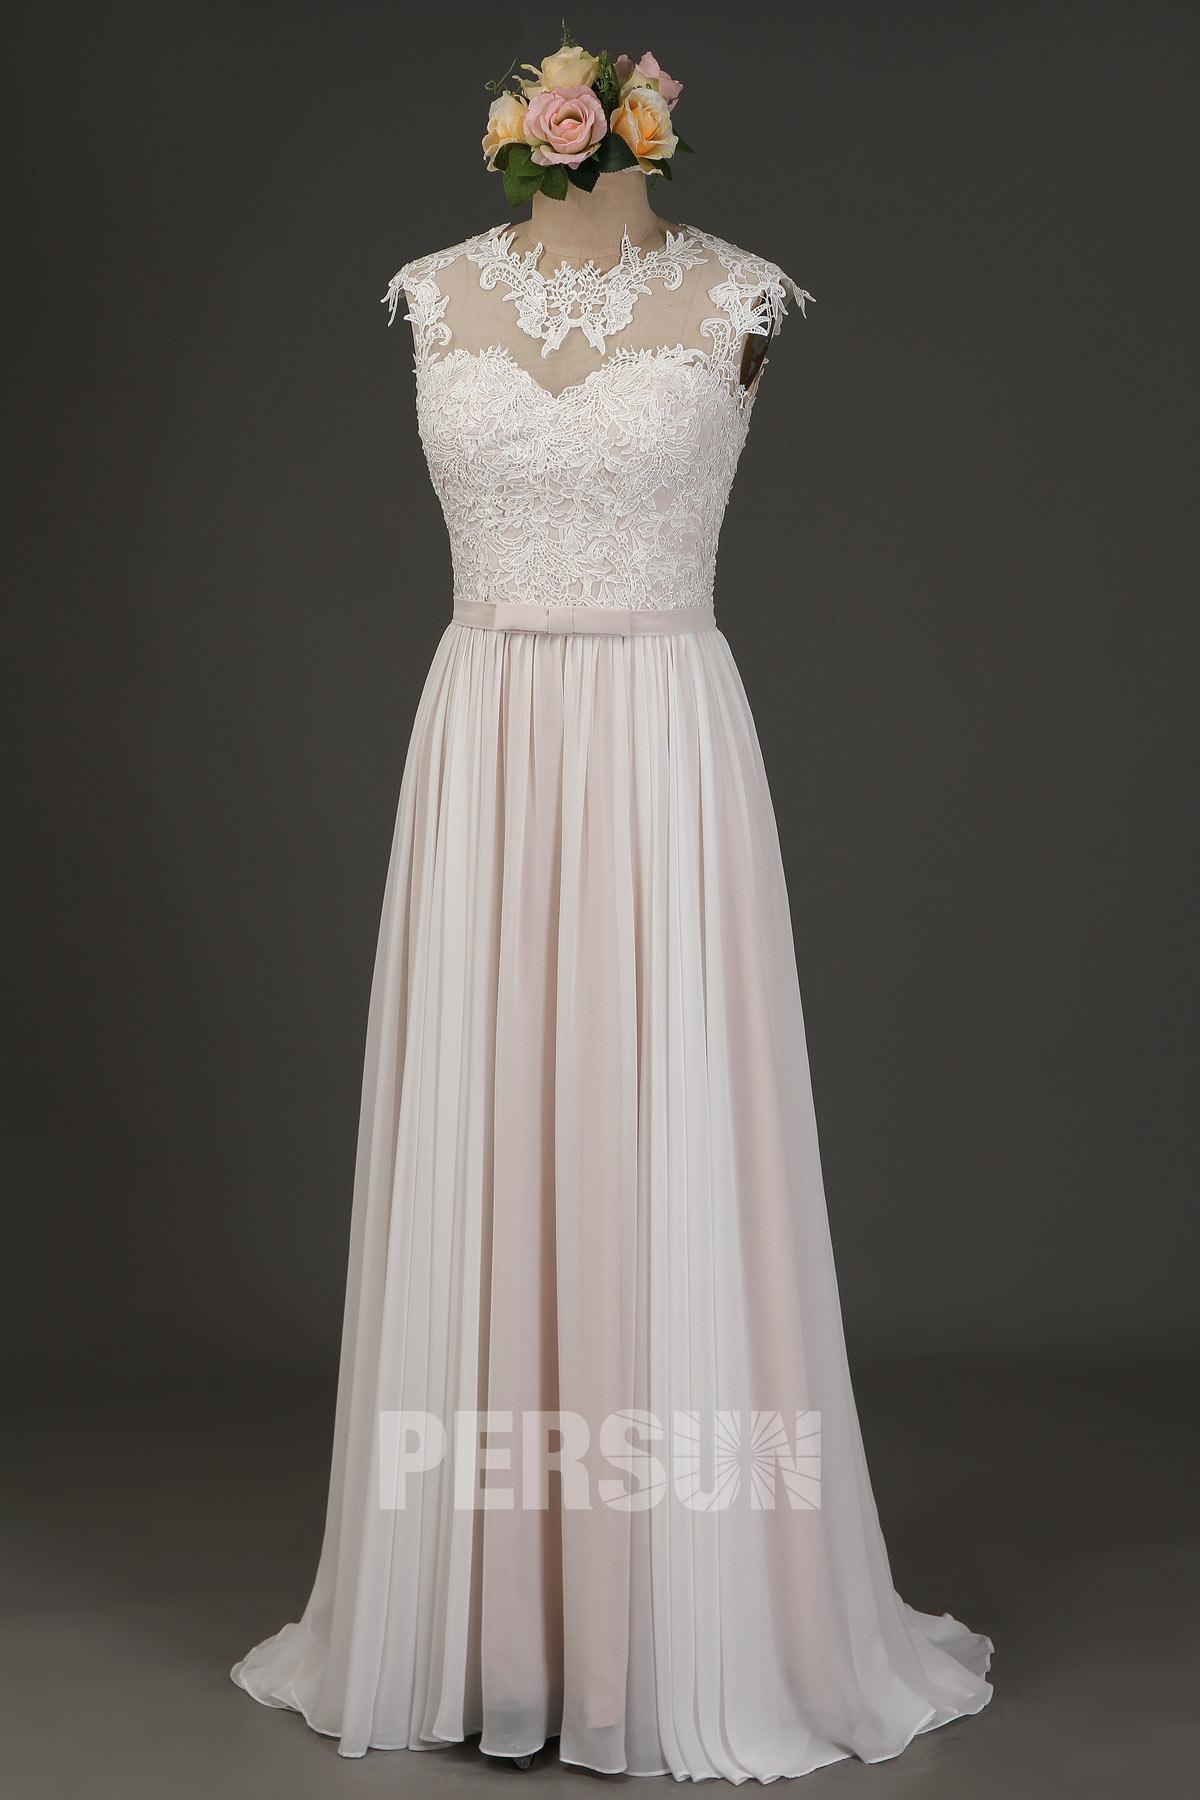 robe de mariée rose blanche haut en dentelle guipure col illusion